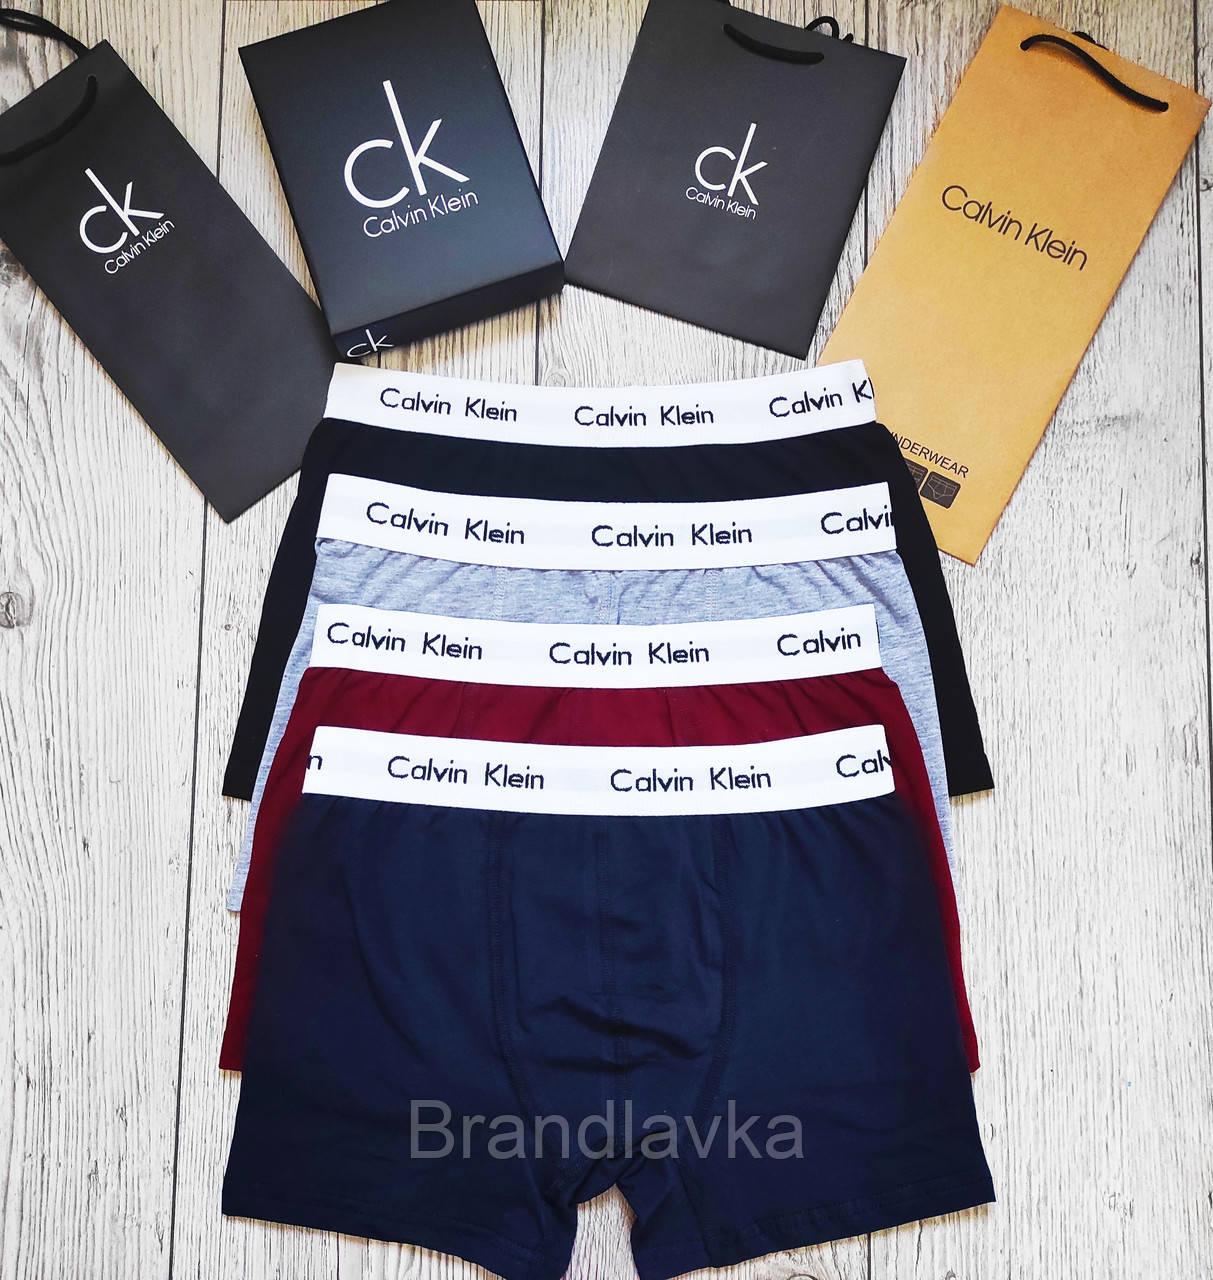 Набор мужских трусов боксеров Calvin Klein 5 шт без коробки Боксеры трусы шорты транки кельвин кляйн - фото 3